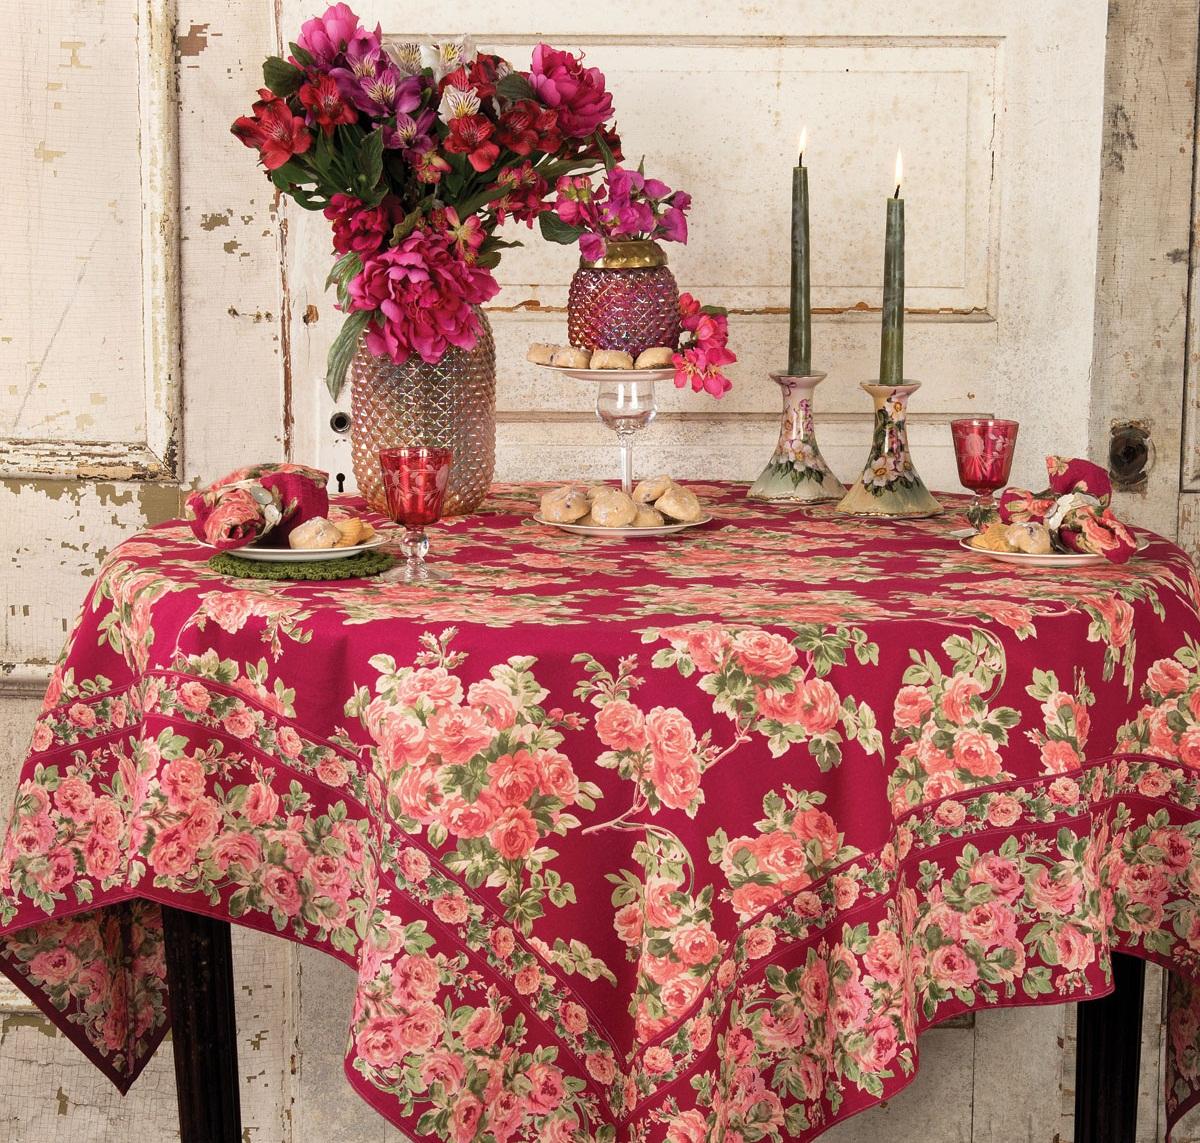 Красная скатерть на круглом столе